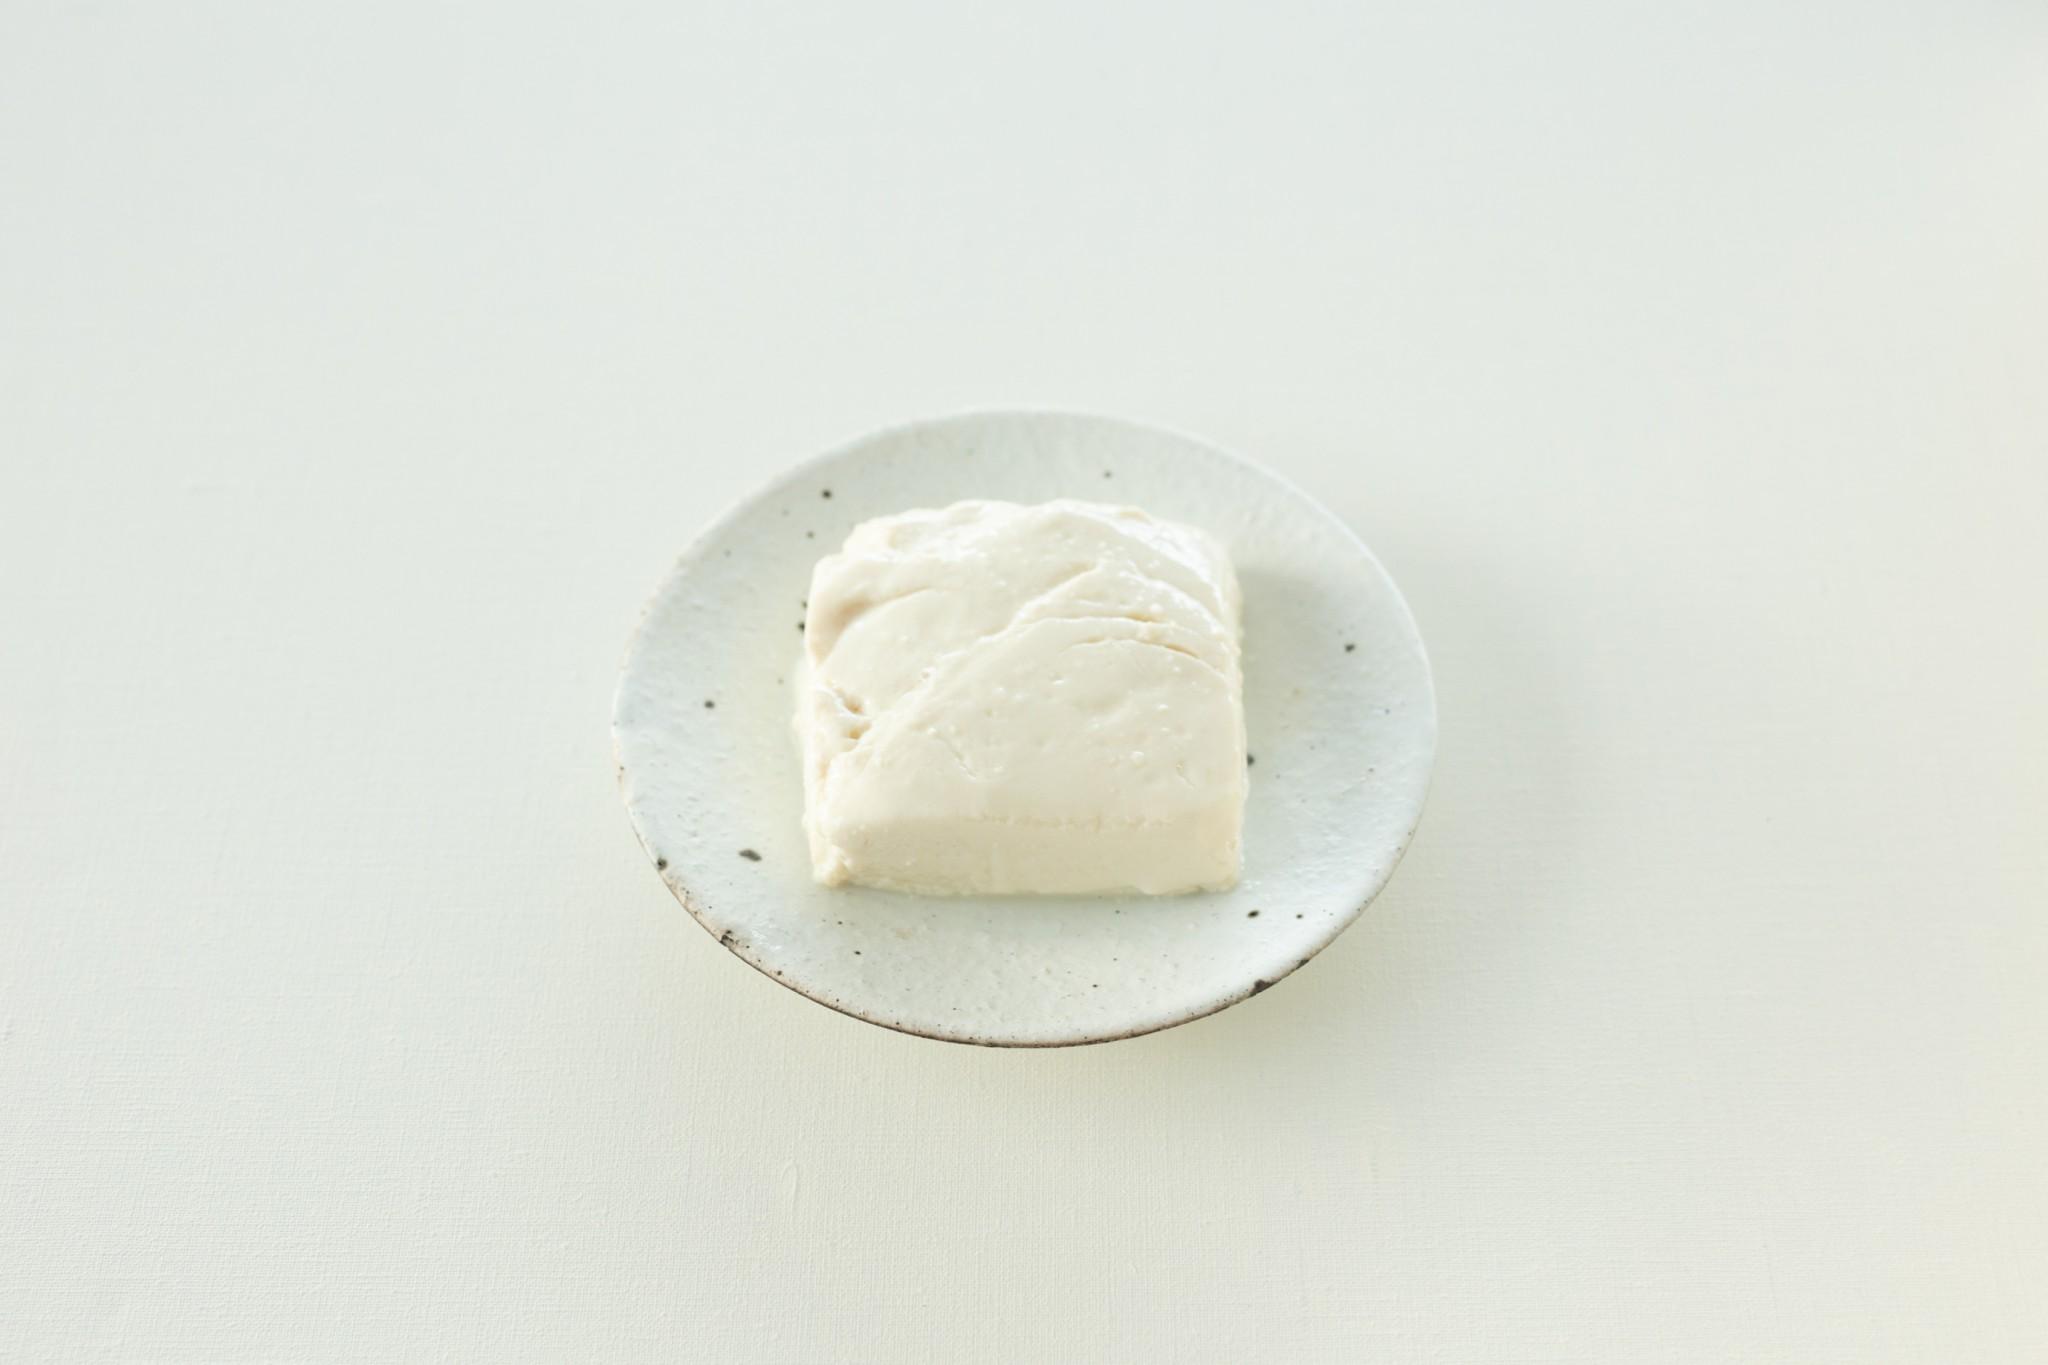 名水の街・京都の豆腐辞典!味比べを楽しみたくなる絶品豆腐6選